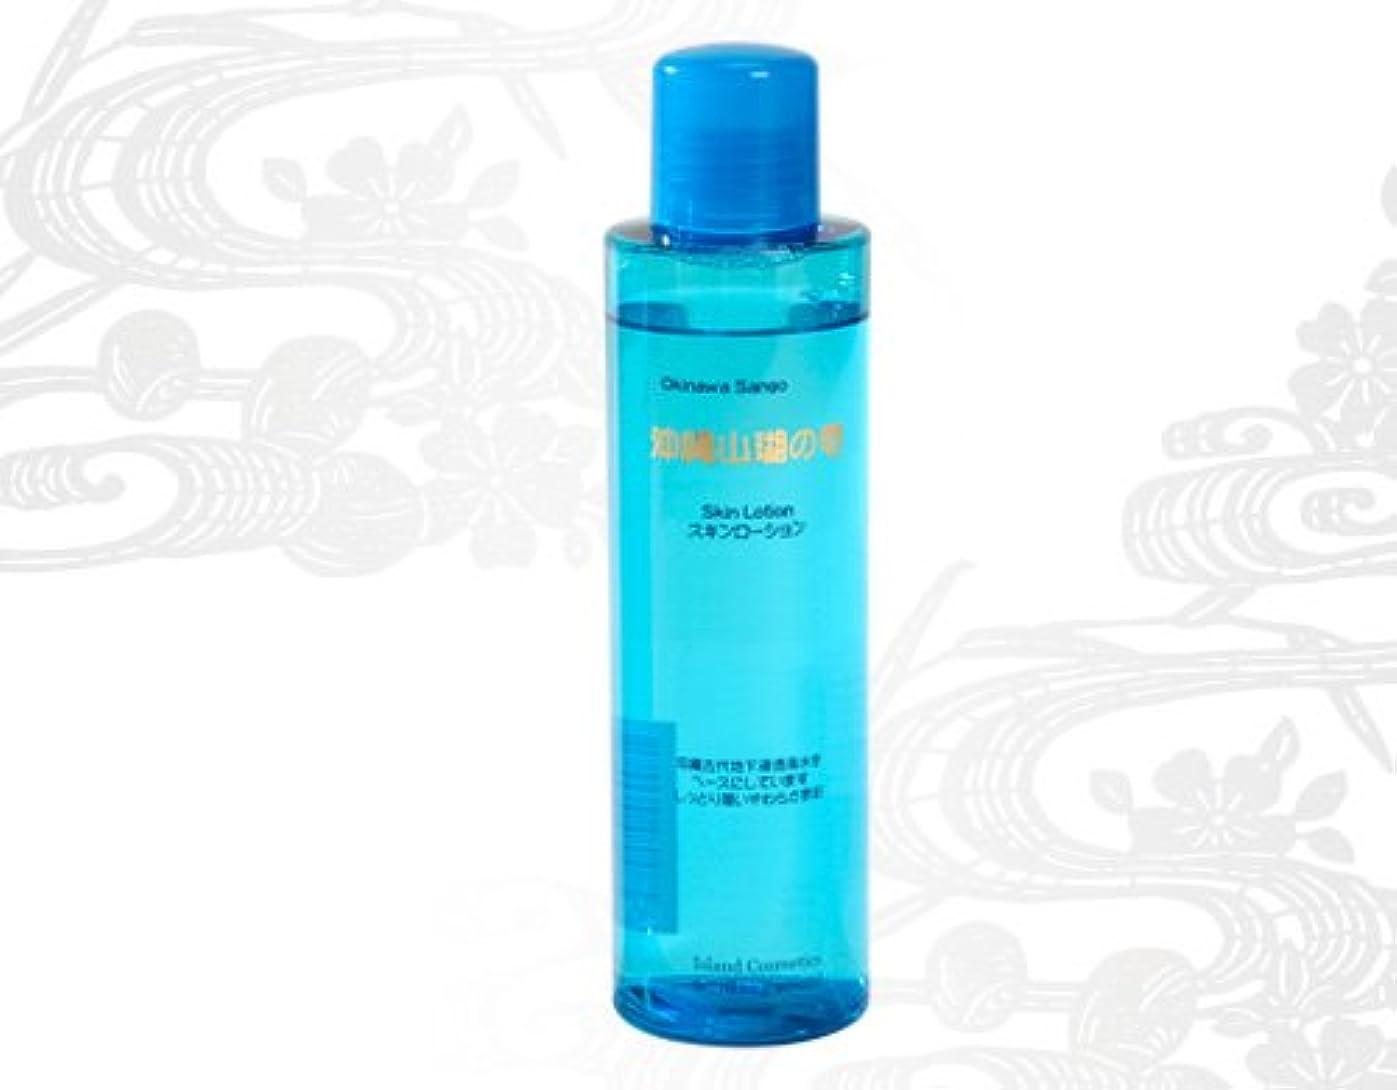 混乱させるなくなる展示会沖縄山瑚の雫 スキンローション 200ml×6本 アイランド ミネラル豊富な沖縄さんご水をベースにした全肌質向けの化粧水